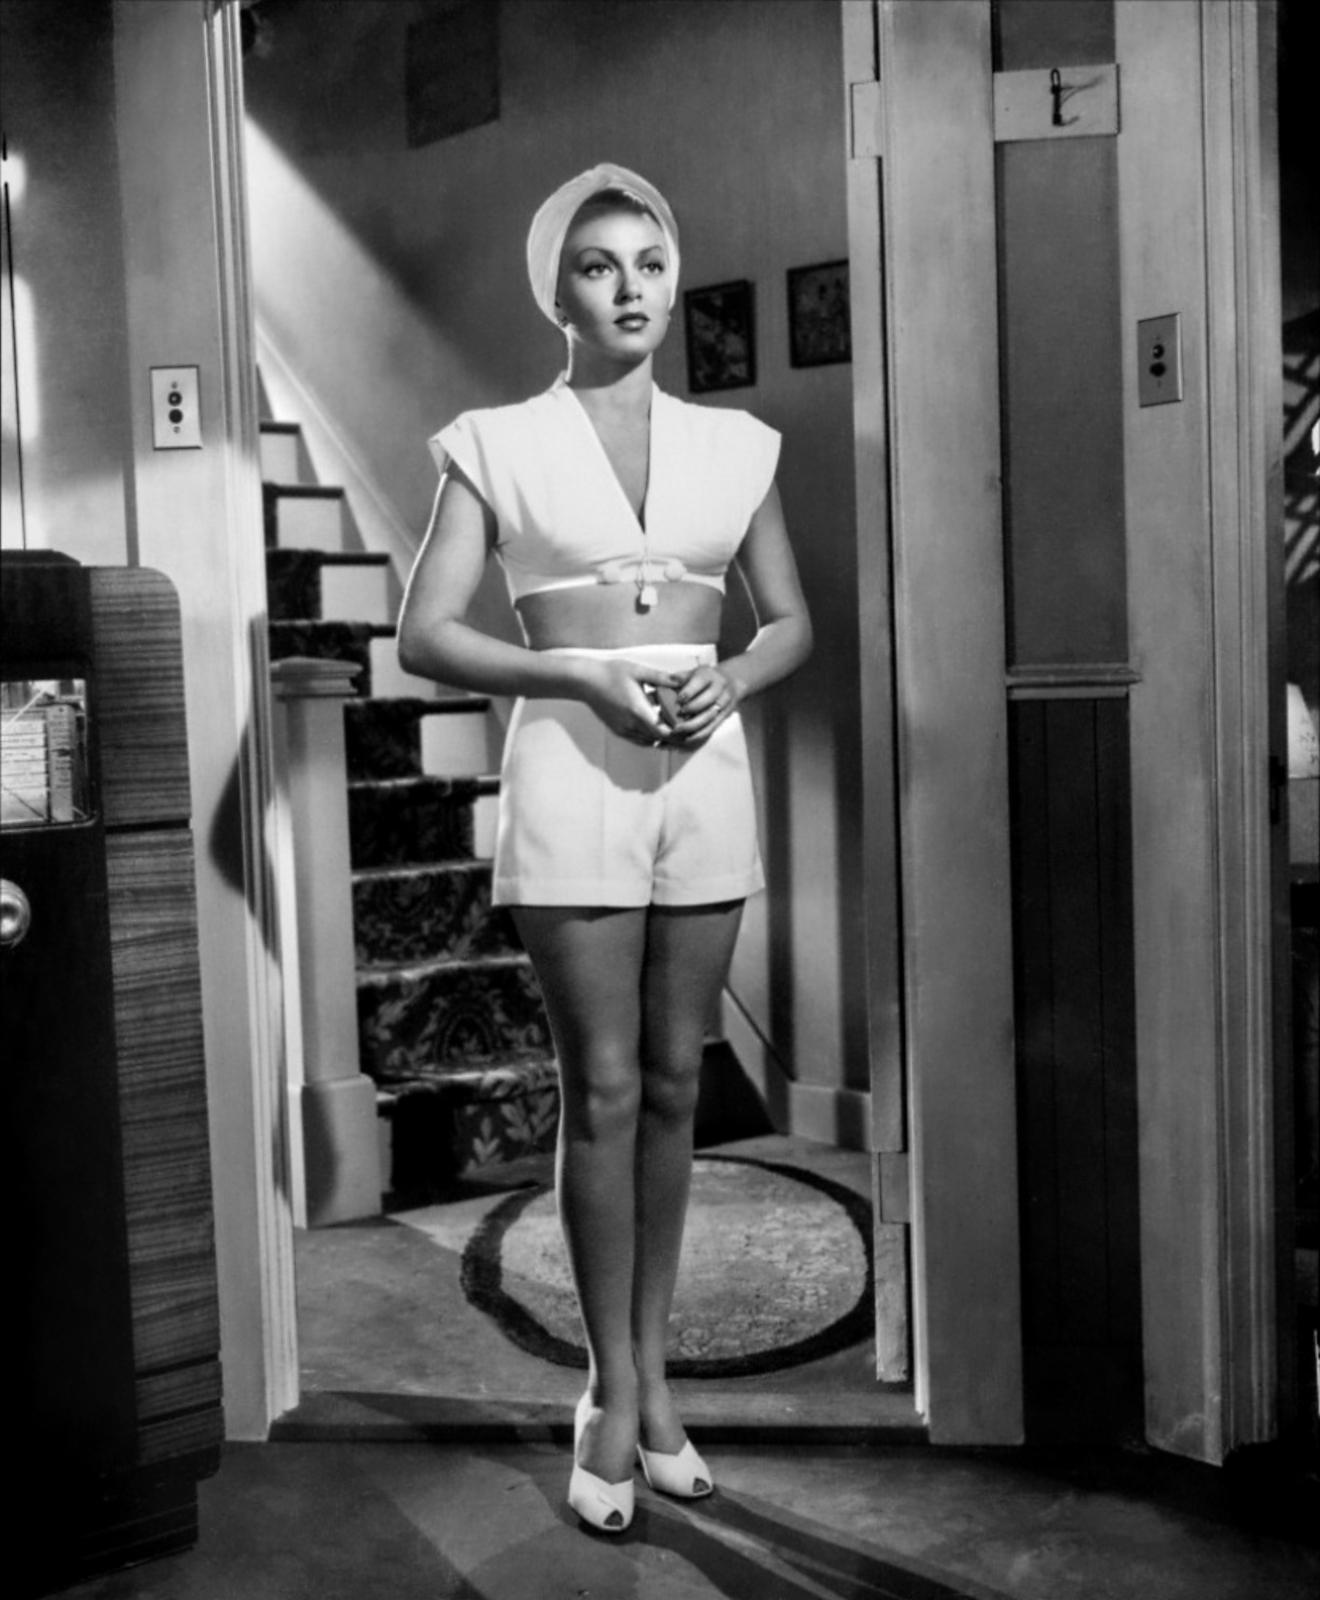 160. The Postman Always Rings Twice (1946)